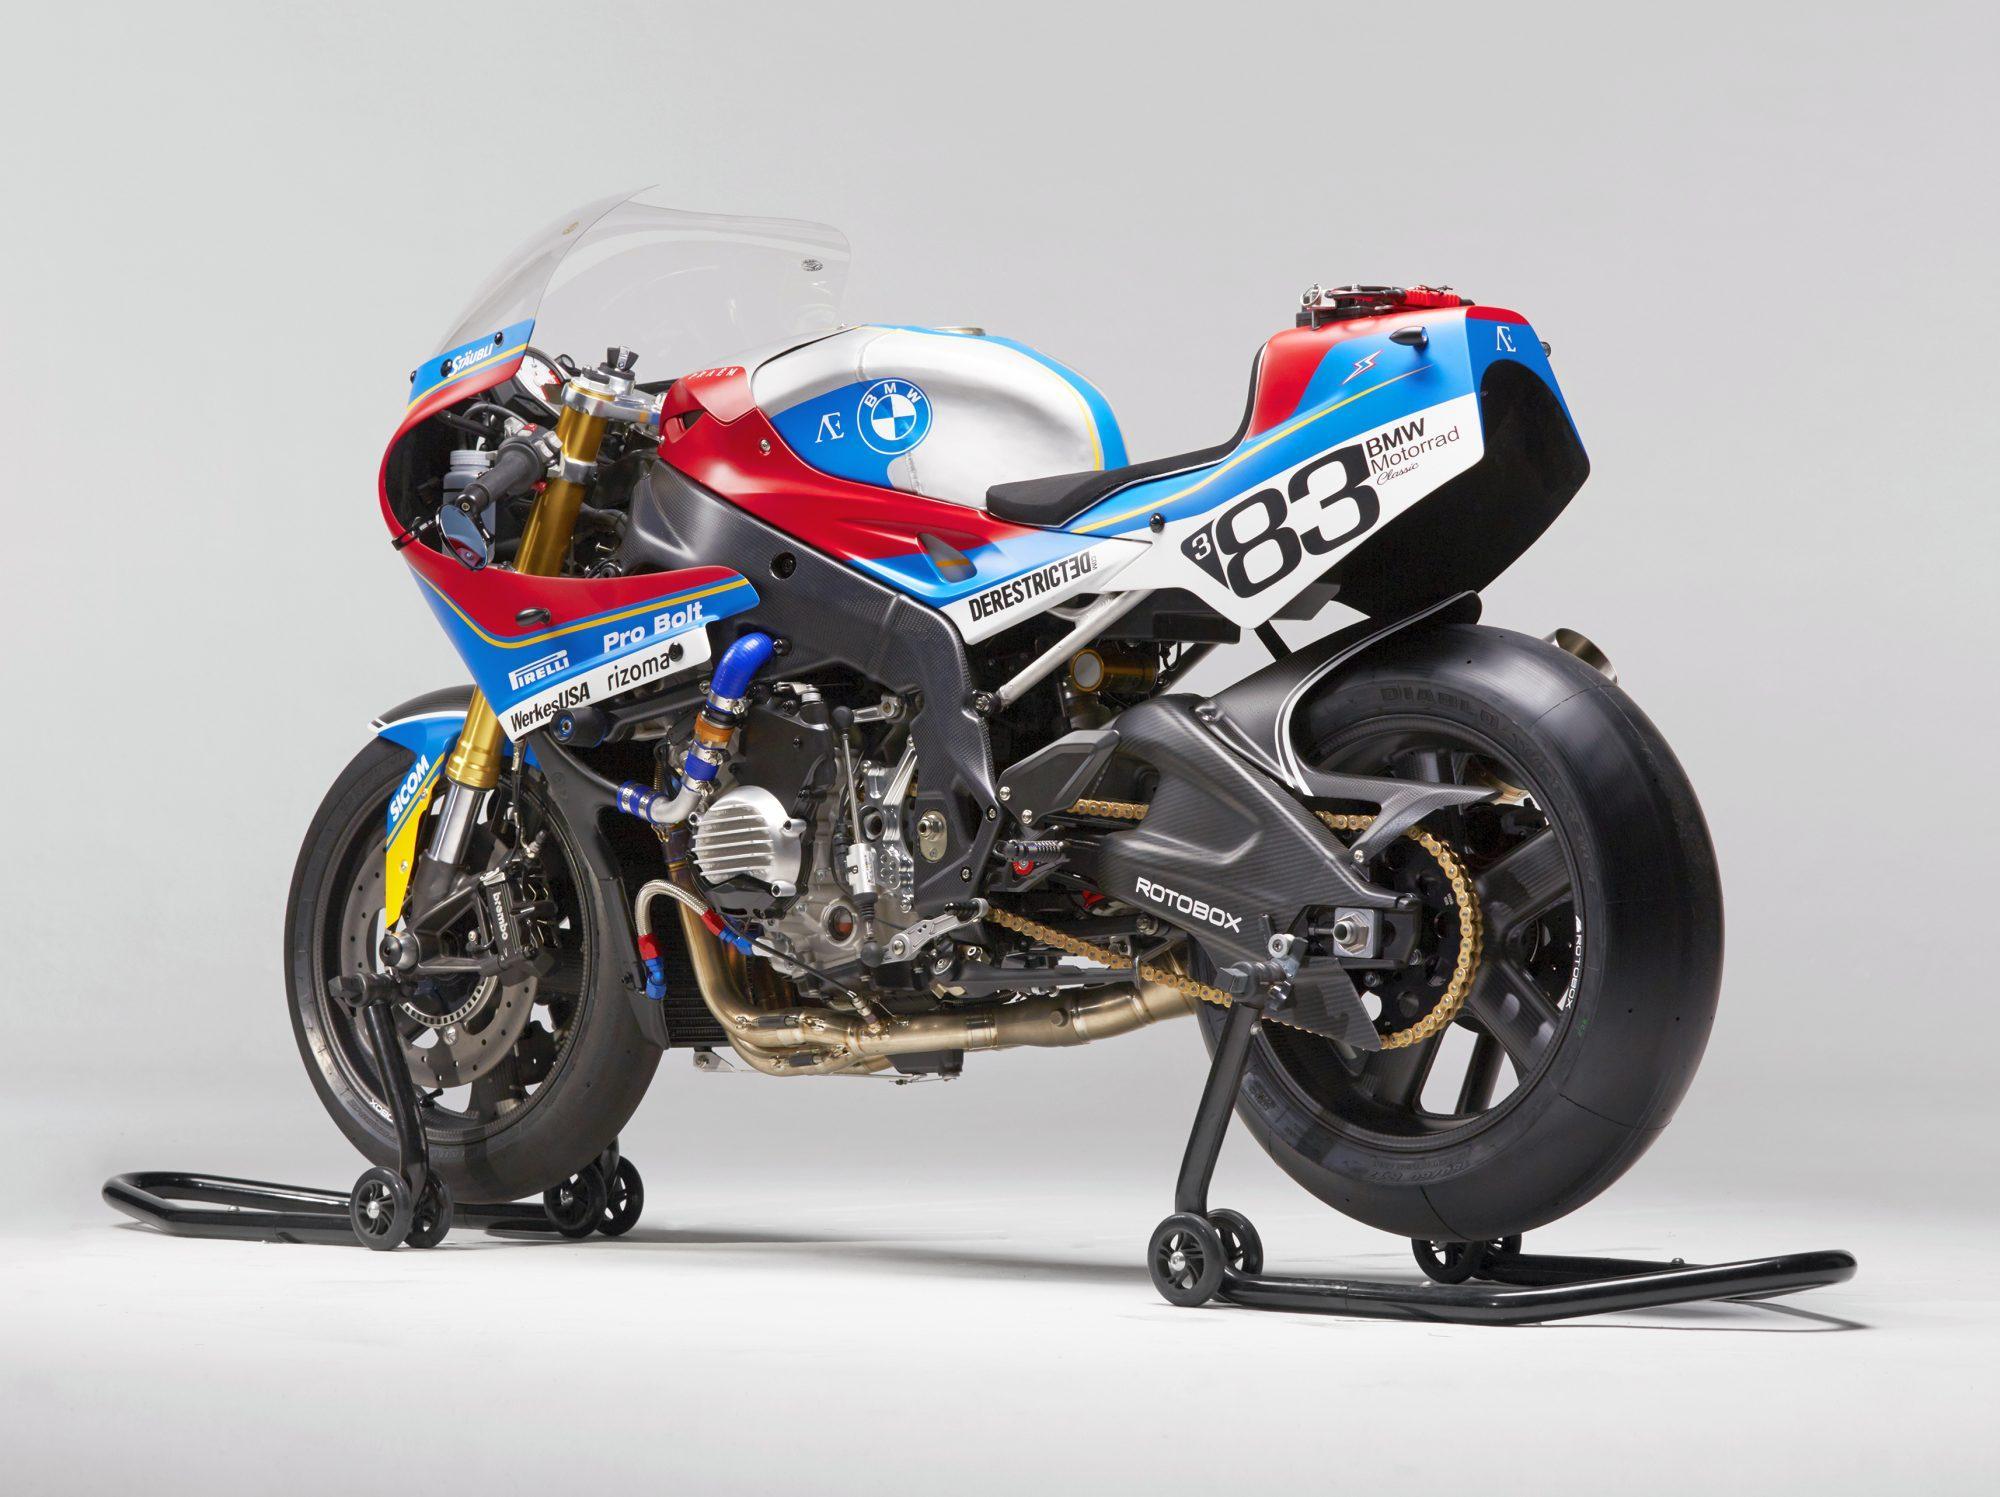 Bmw S 1000 Rr Pra 203 M Motorrad Fotos Amp Motorrad Bilder